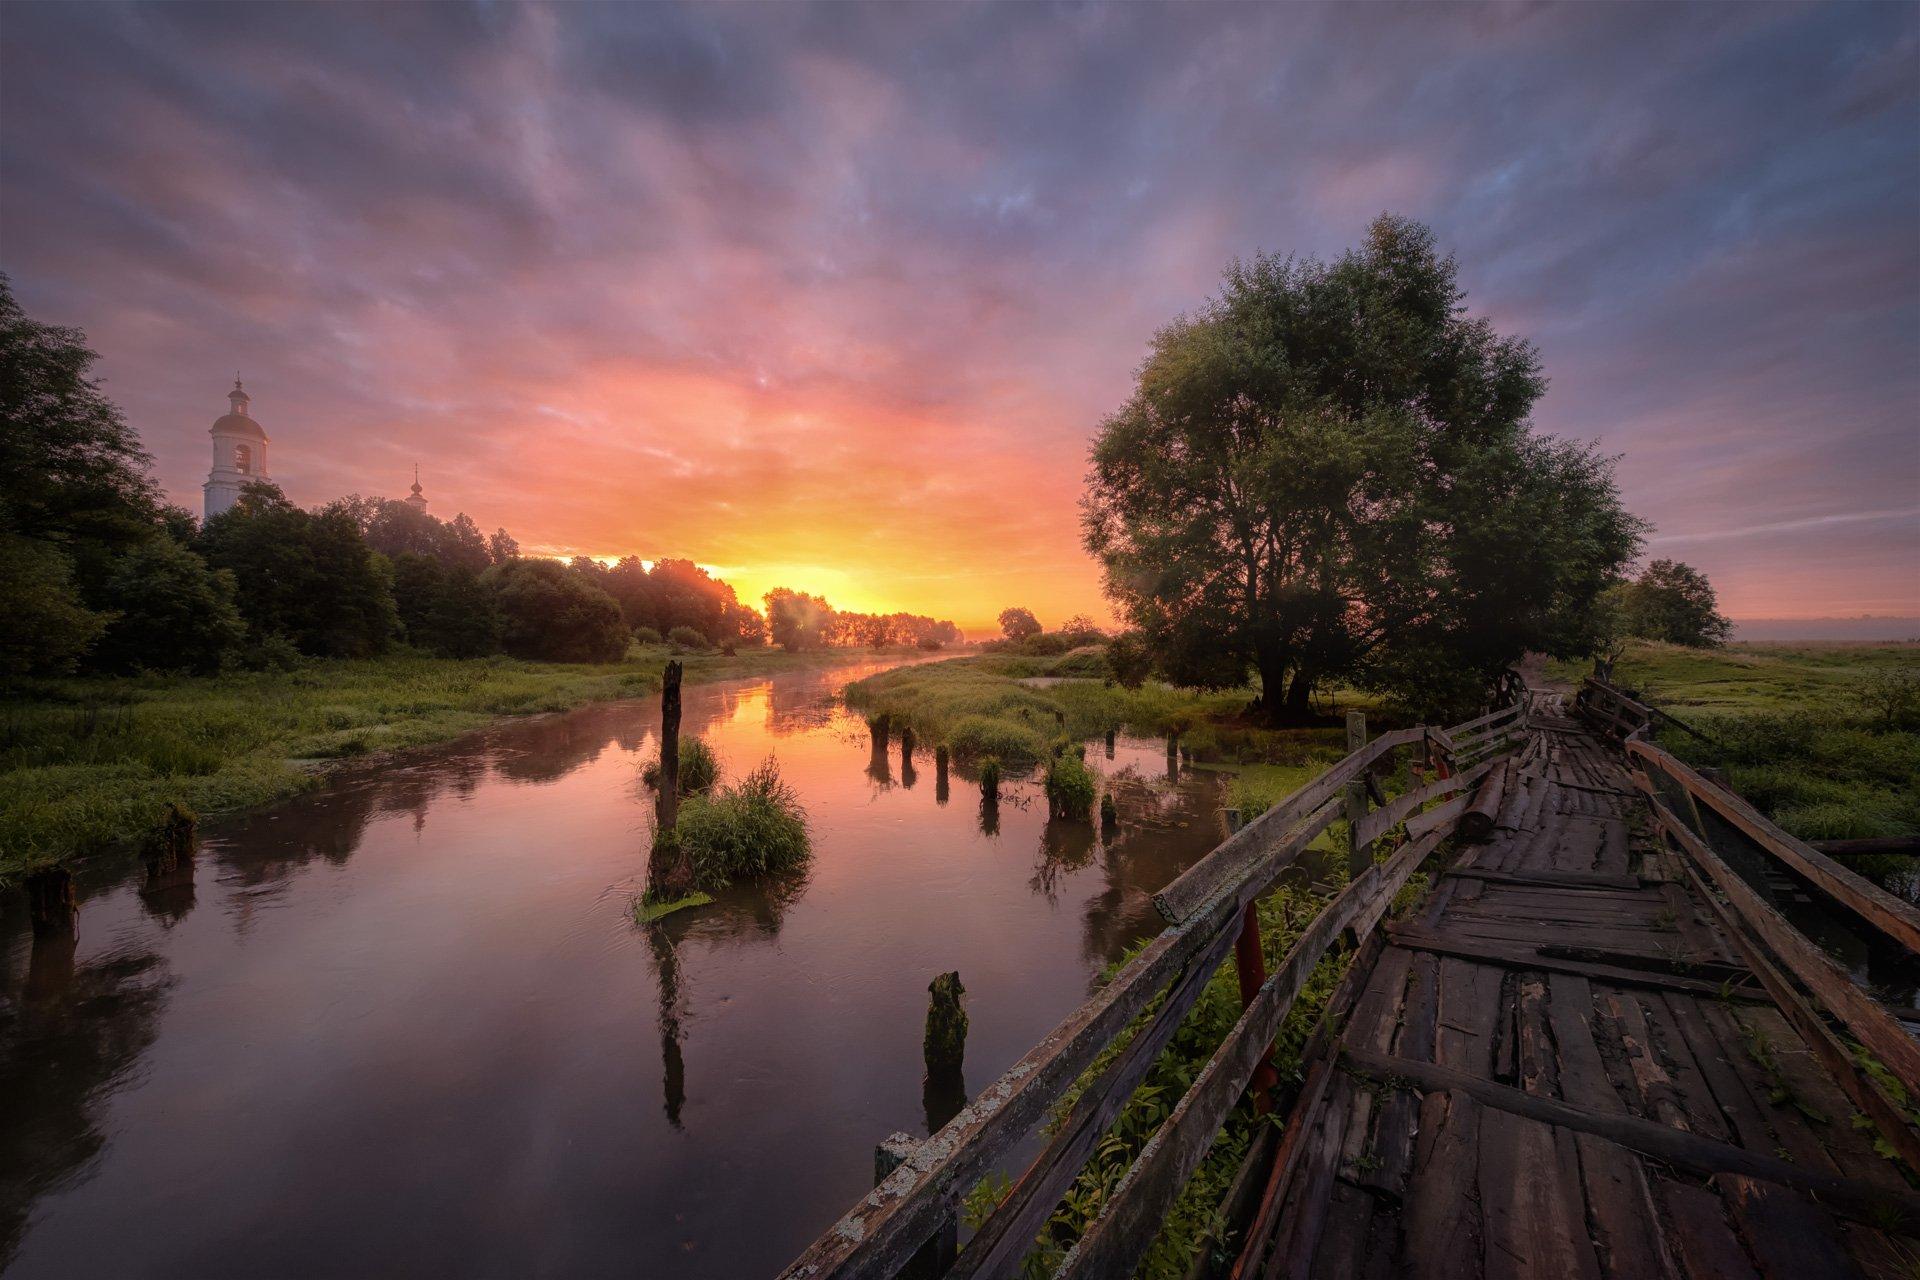 филипповское, рассвет, туман, мост, церковь, река, утро, Андрей Чиж